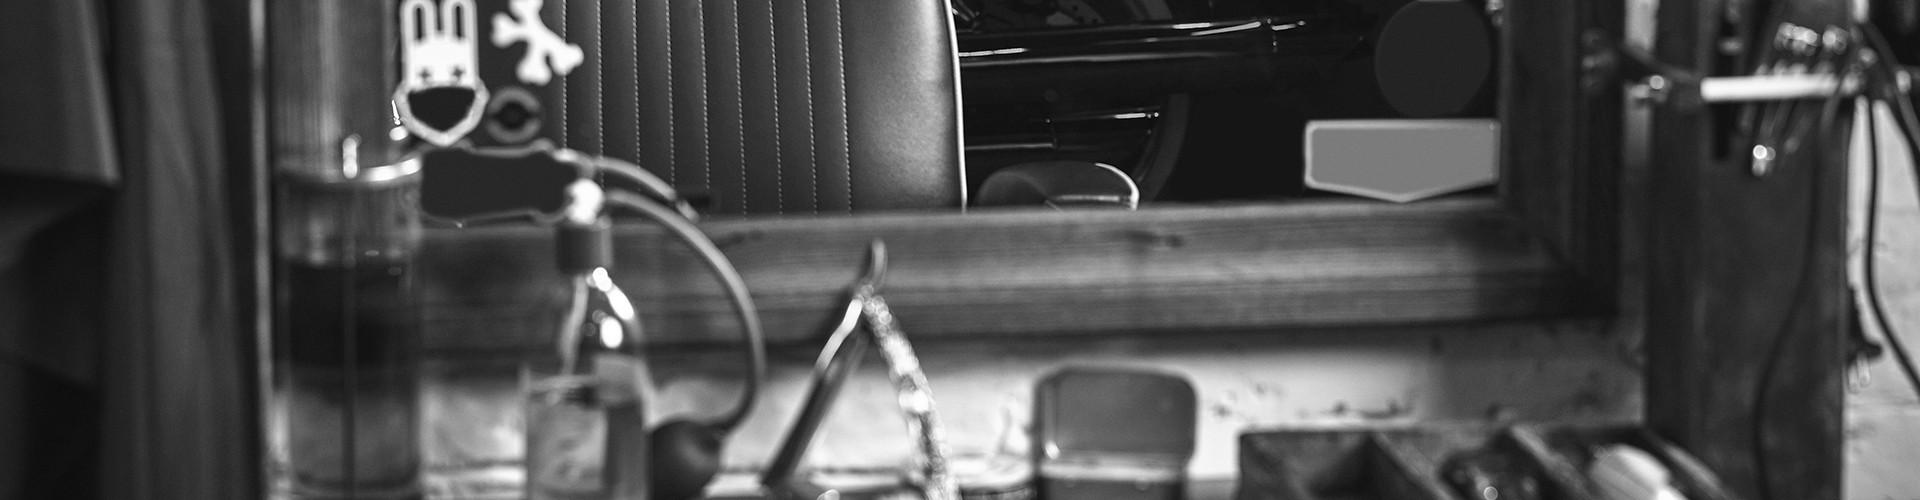 Sélection d'étuis en cuir pour ranger votre rasoir traditionnel